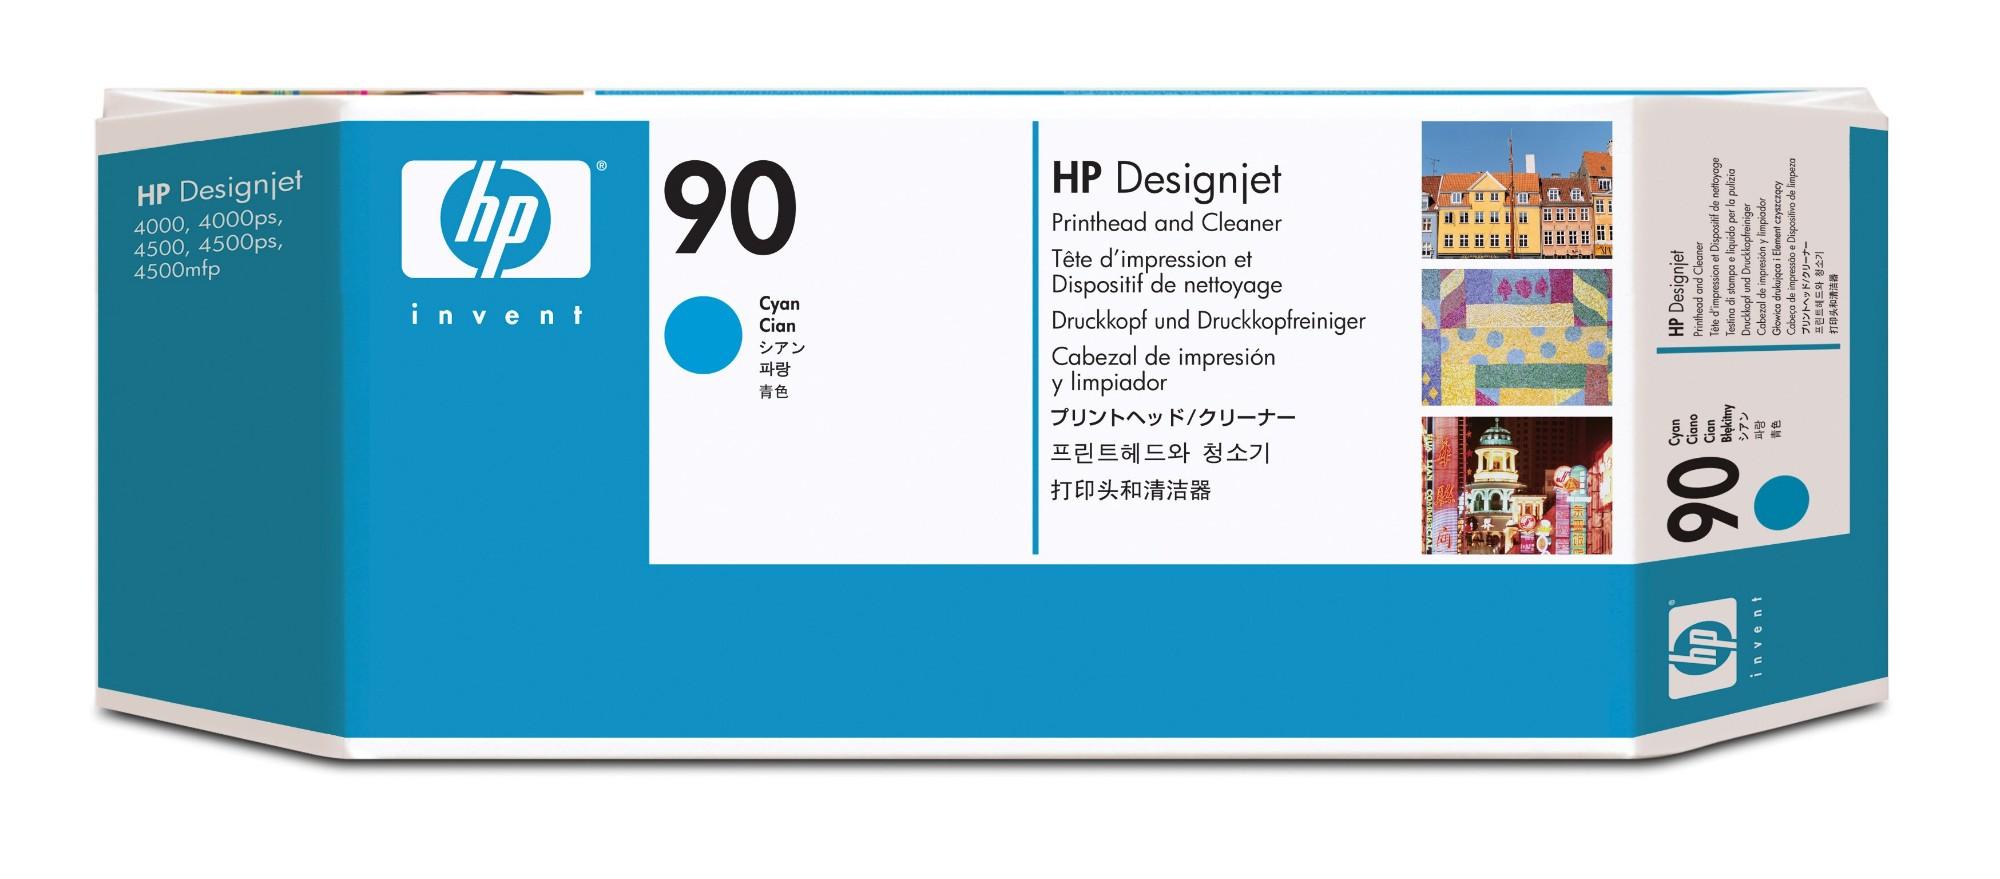 HP Limpiador de cabezales de impresión y cabezal de impresión DesignJet 90 cian